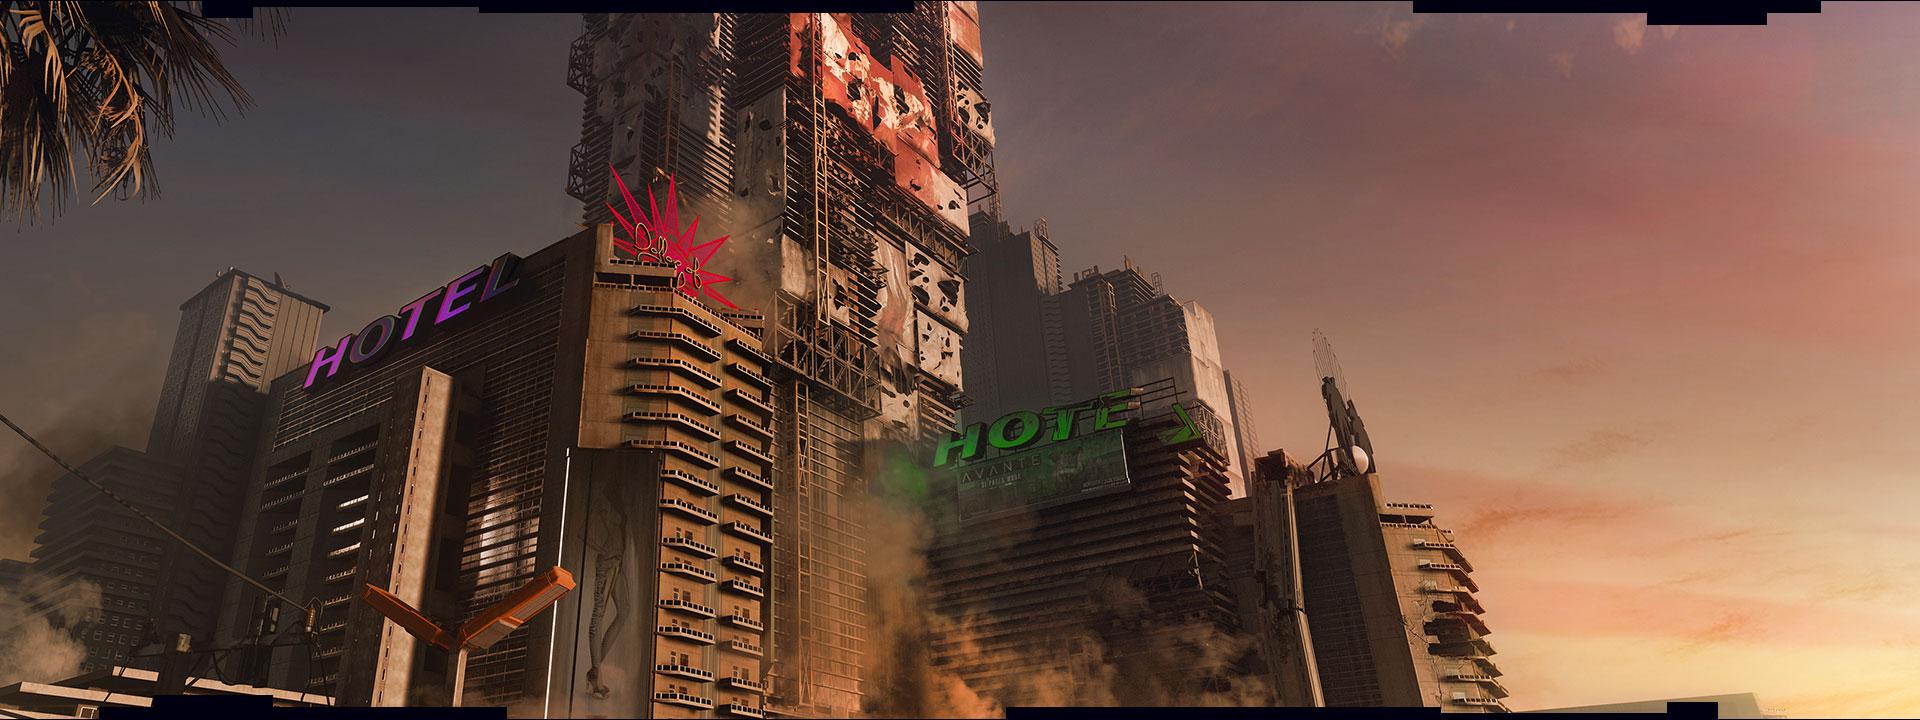 Vista com hotéis destruídos